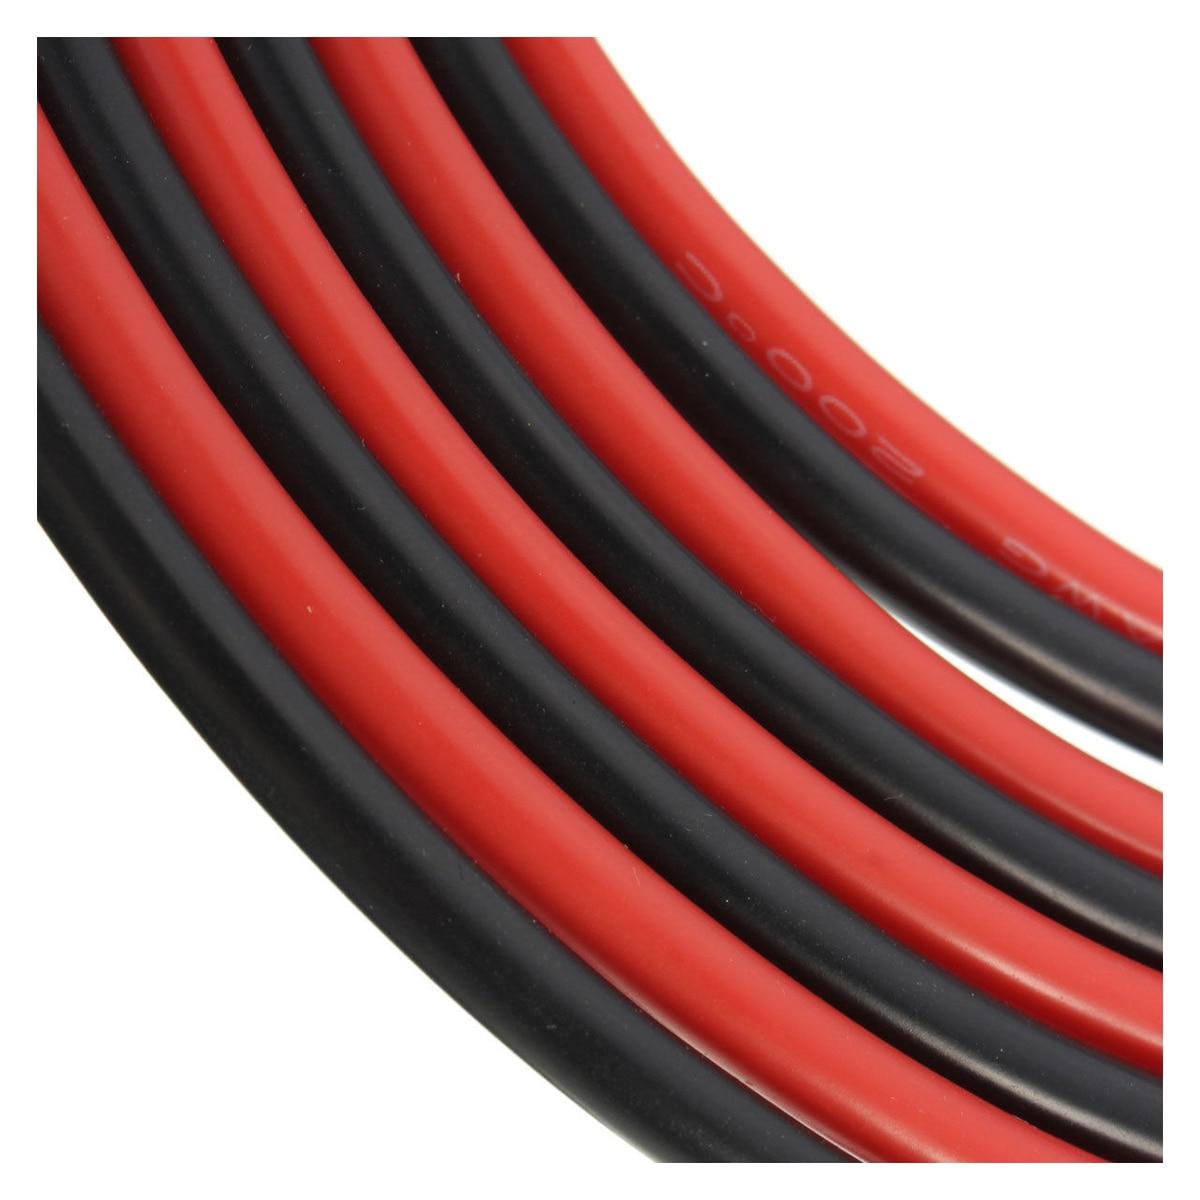 12 AWG 10 Fuß (3 mt) Gauge Silikon Draht Flexible Litze Kupfer Kabel ...